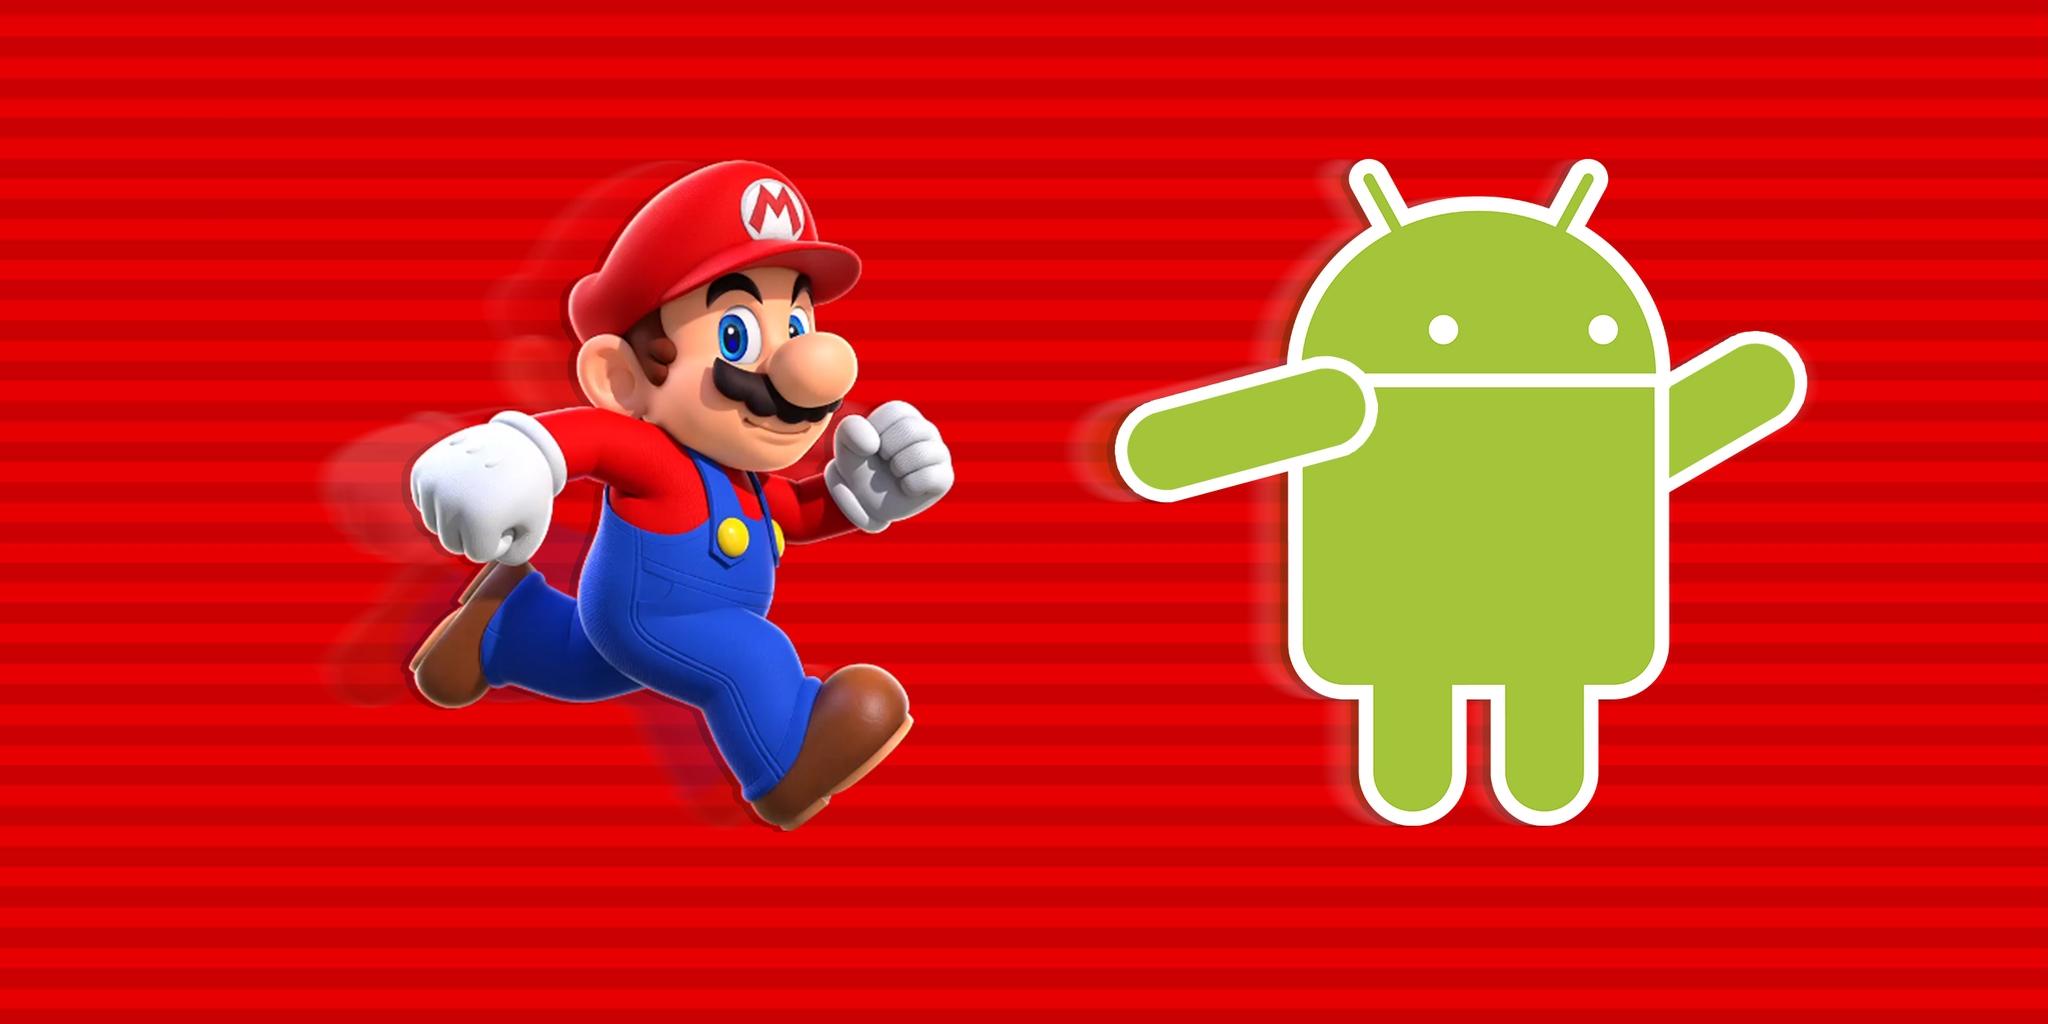 تحميل لعبة سوبر ماريو الشهيرة للهواتف